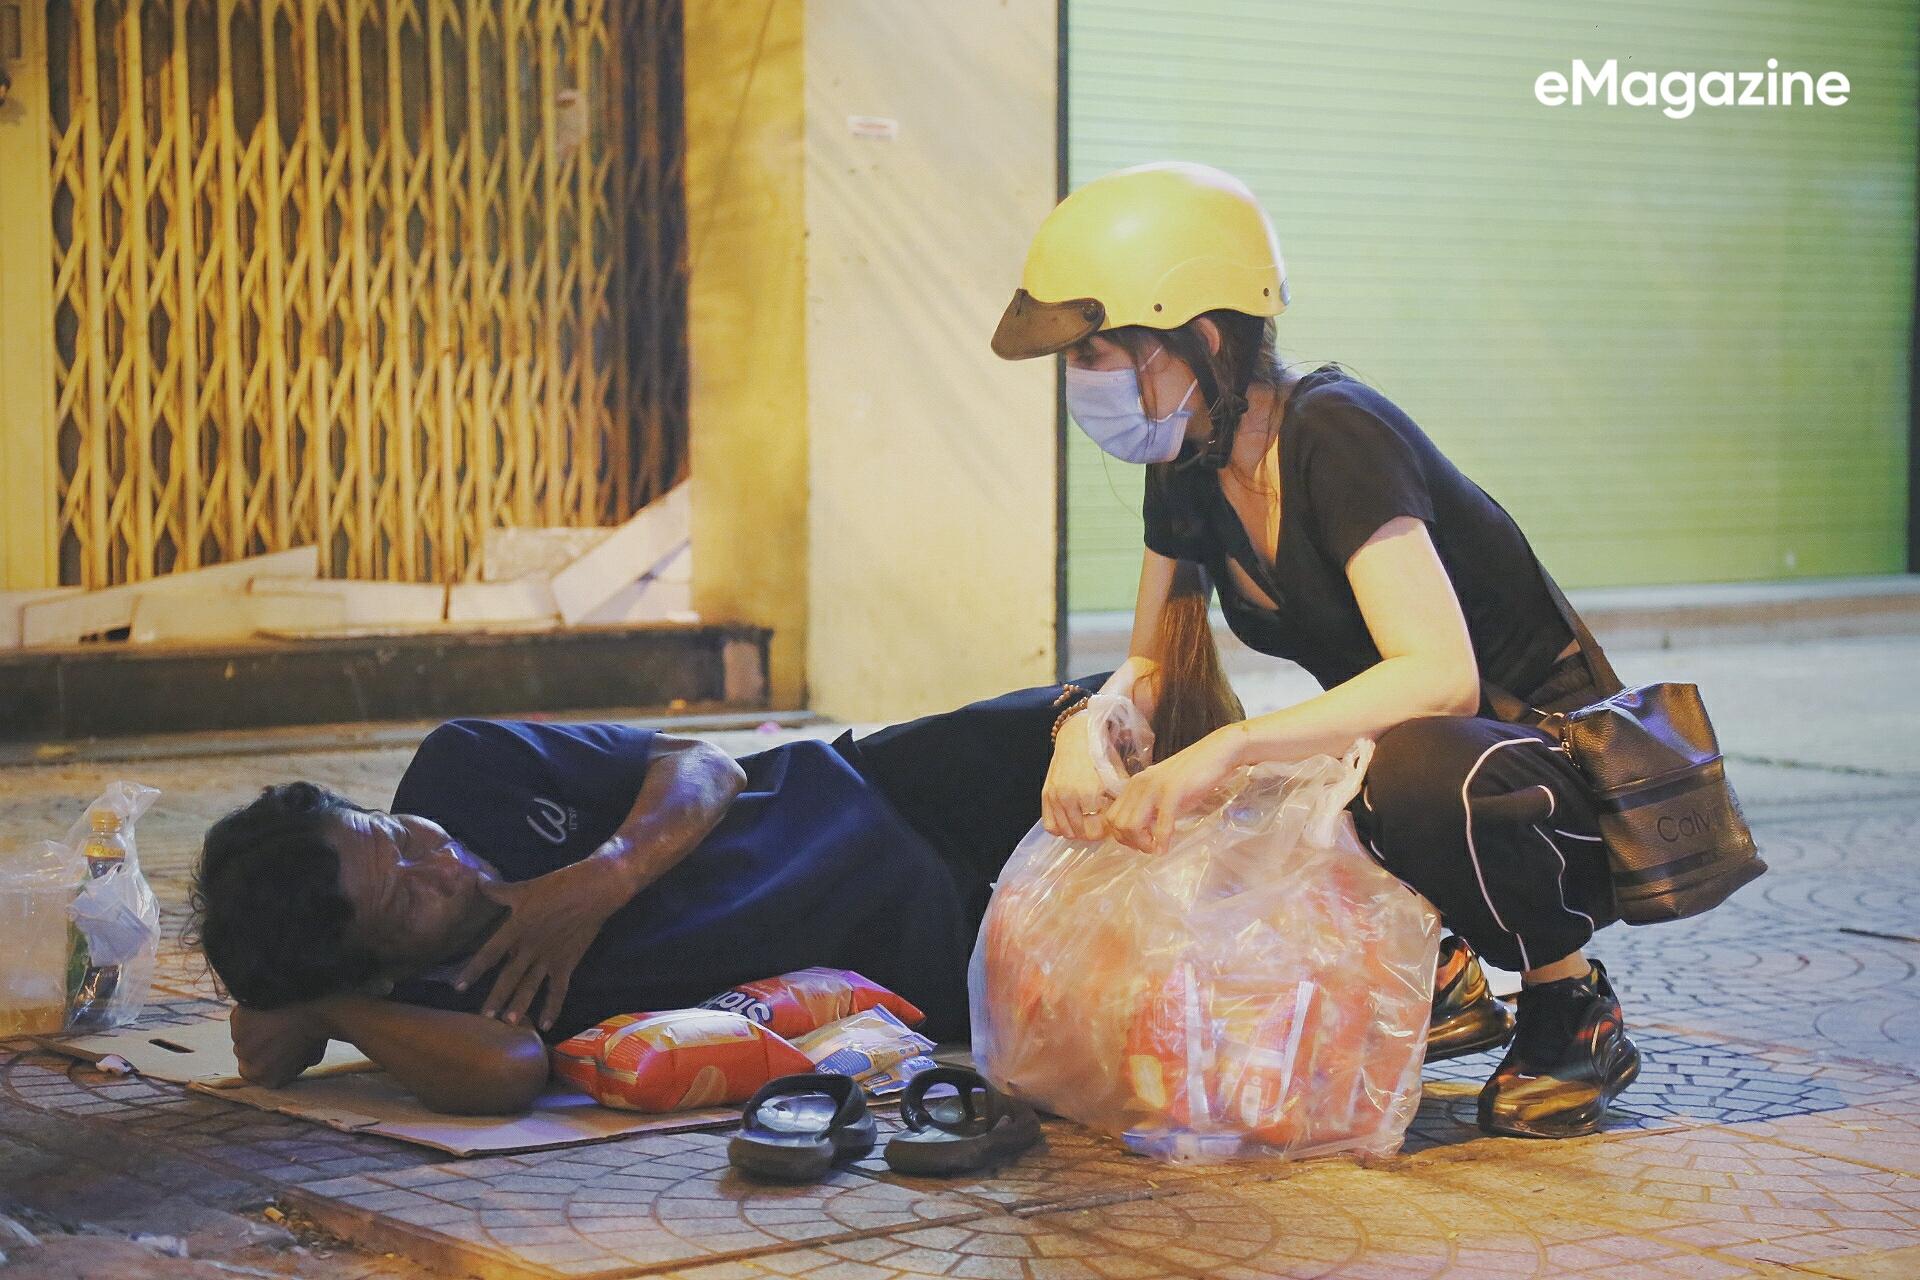 Từ những đôi mắt rớm đỏ ở Sài Gòn: Mọi người rủ nhau làm từ thiện, sẽ không có ai bị bỏ lại đằng sau - Ảnh 12.